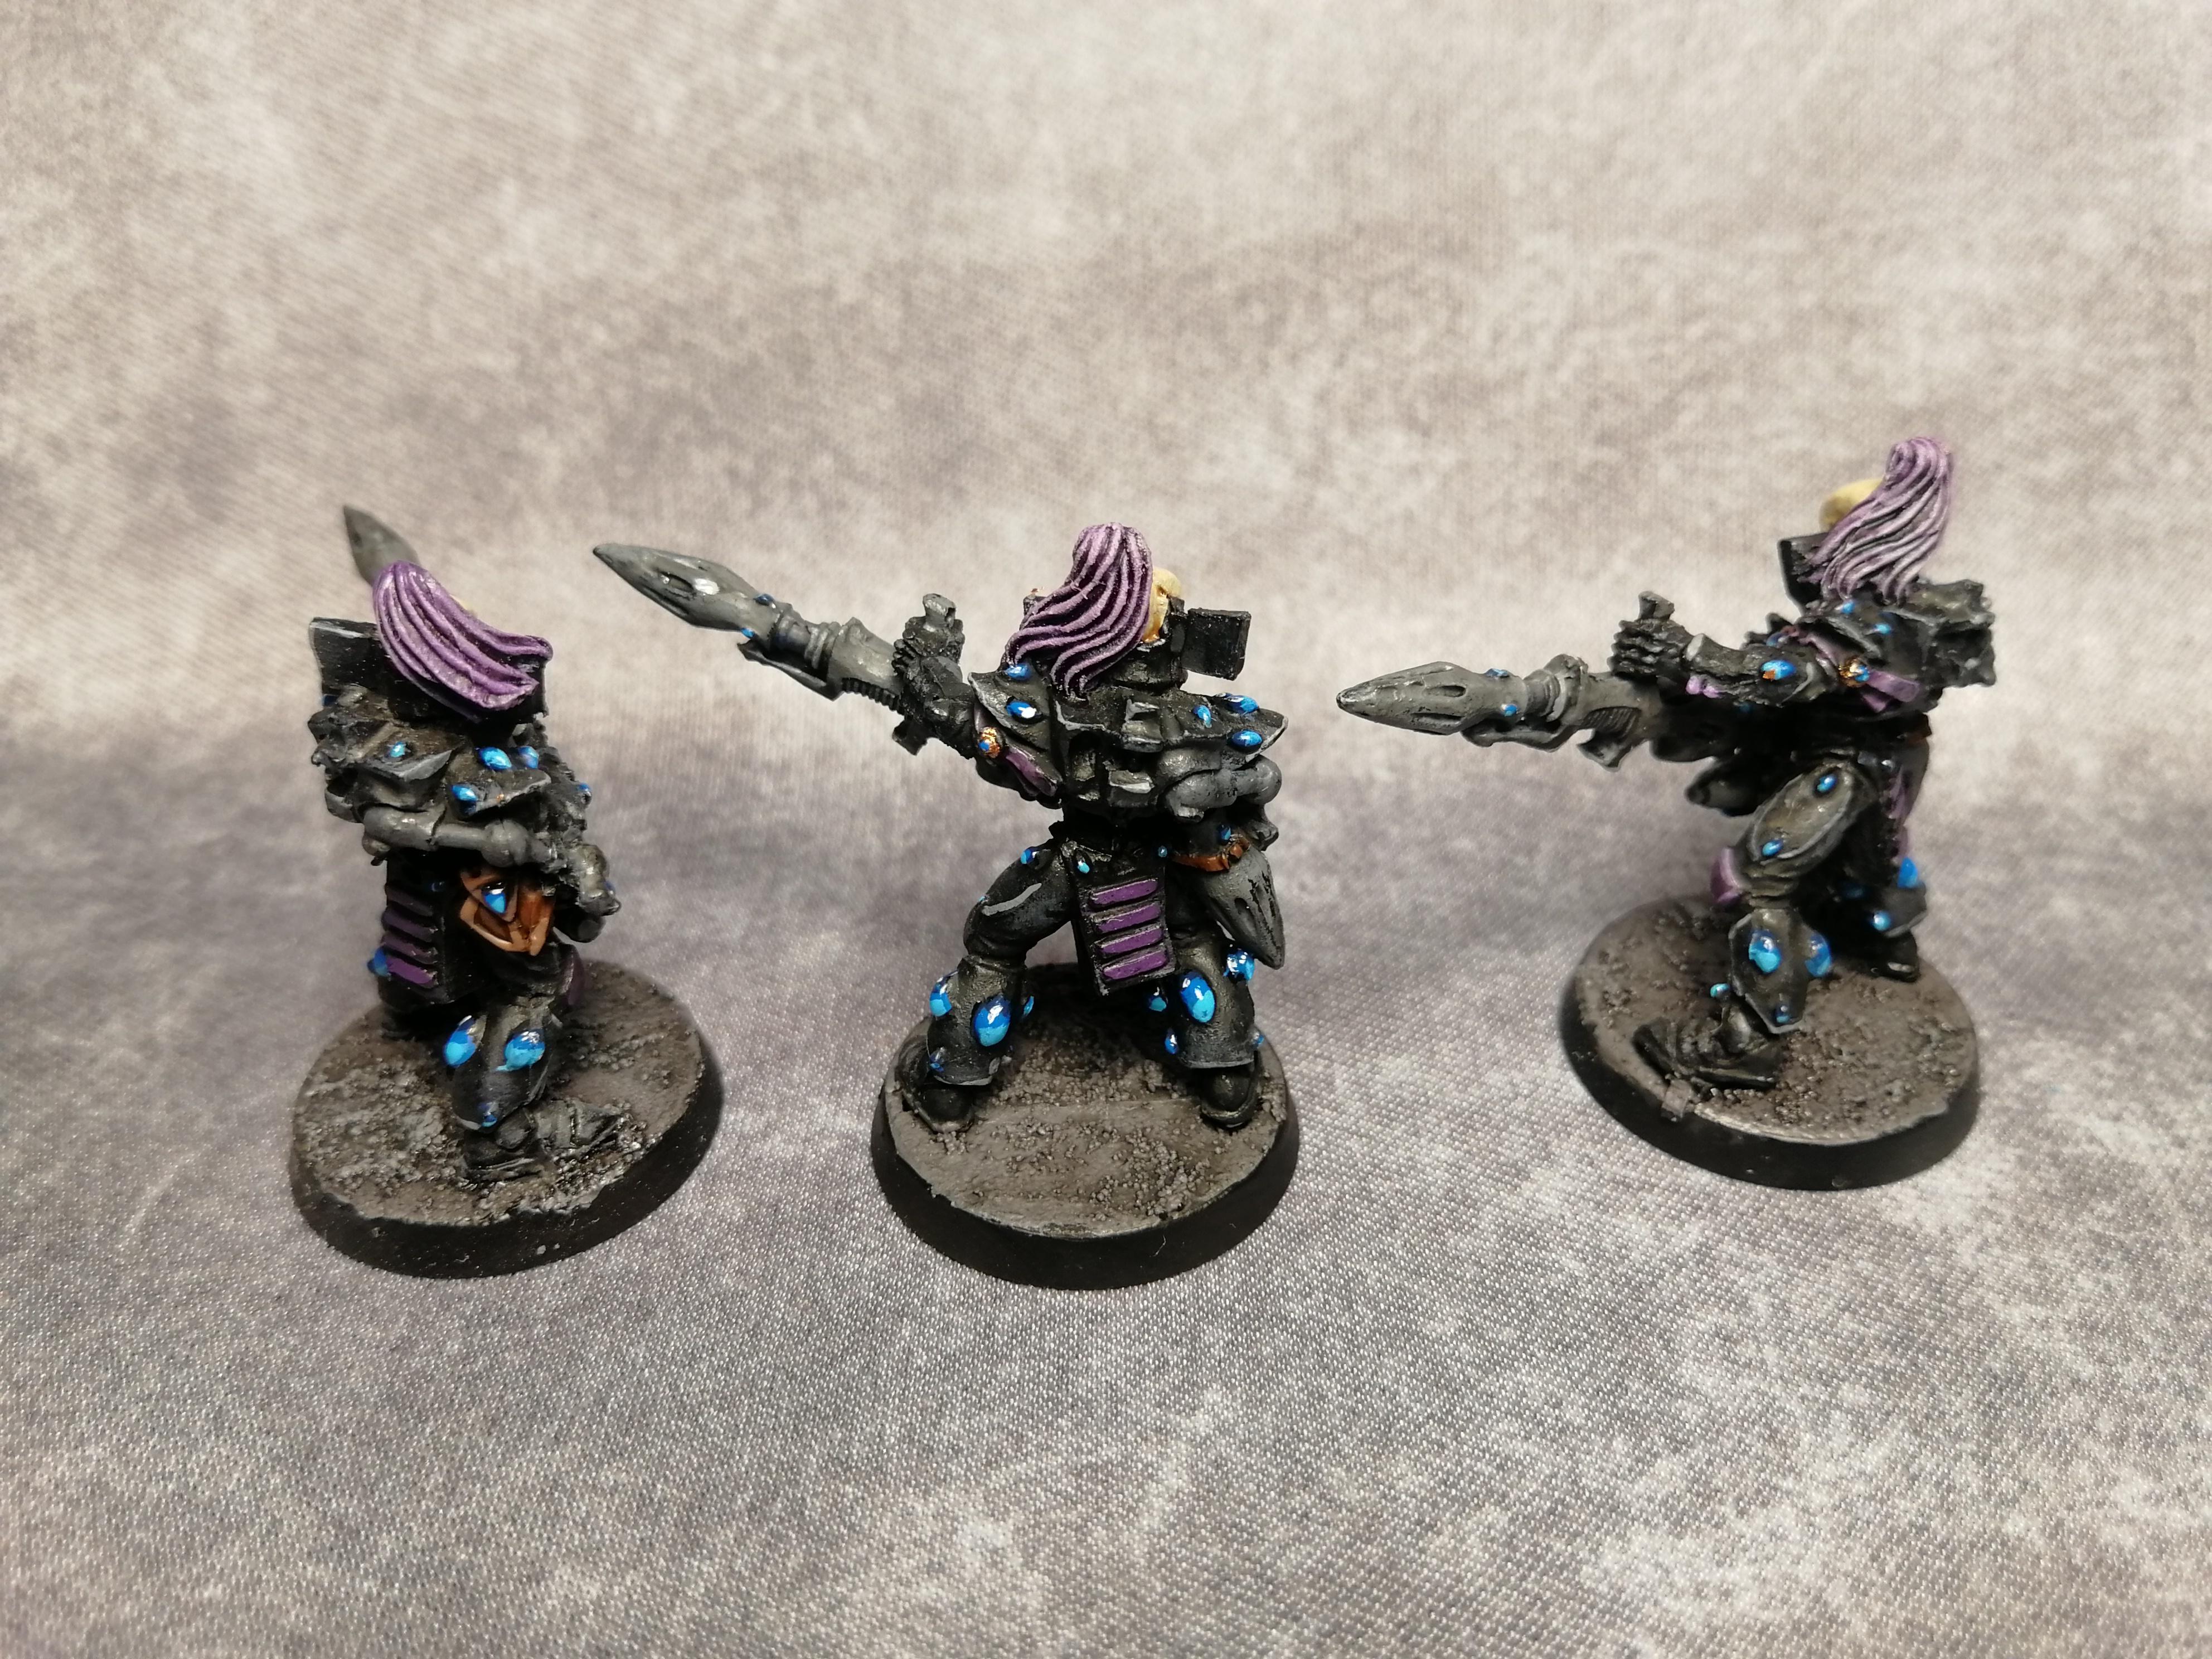 Aeldari, Black, Dark, Dark Reapers, Eldar, Missile, Purple, Space Elf, Ulthwe